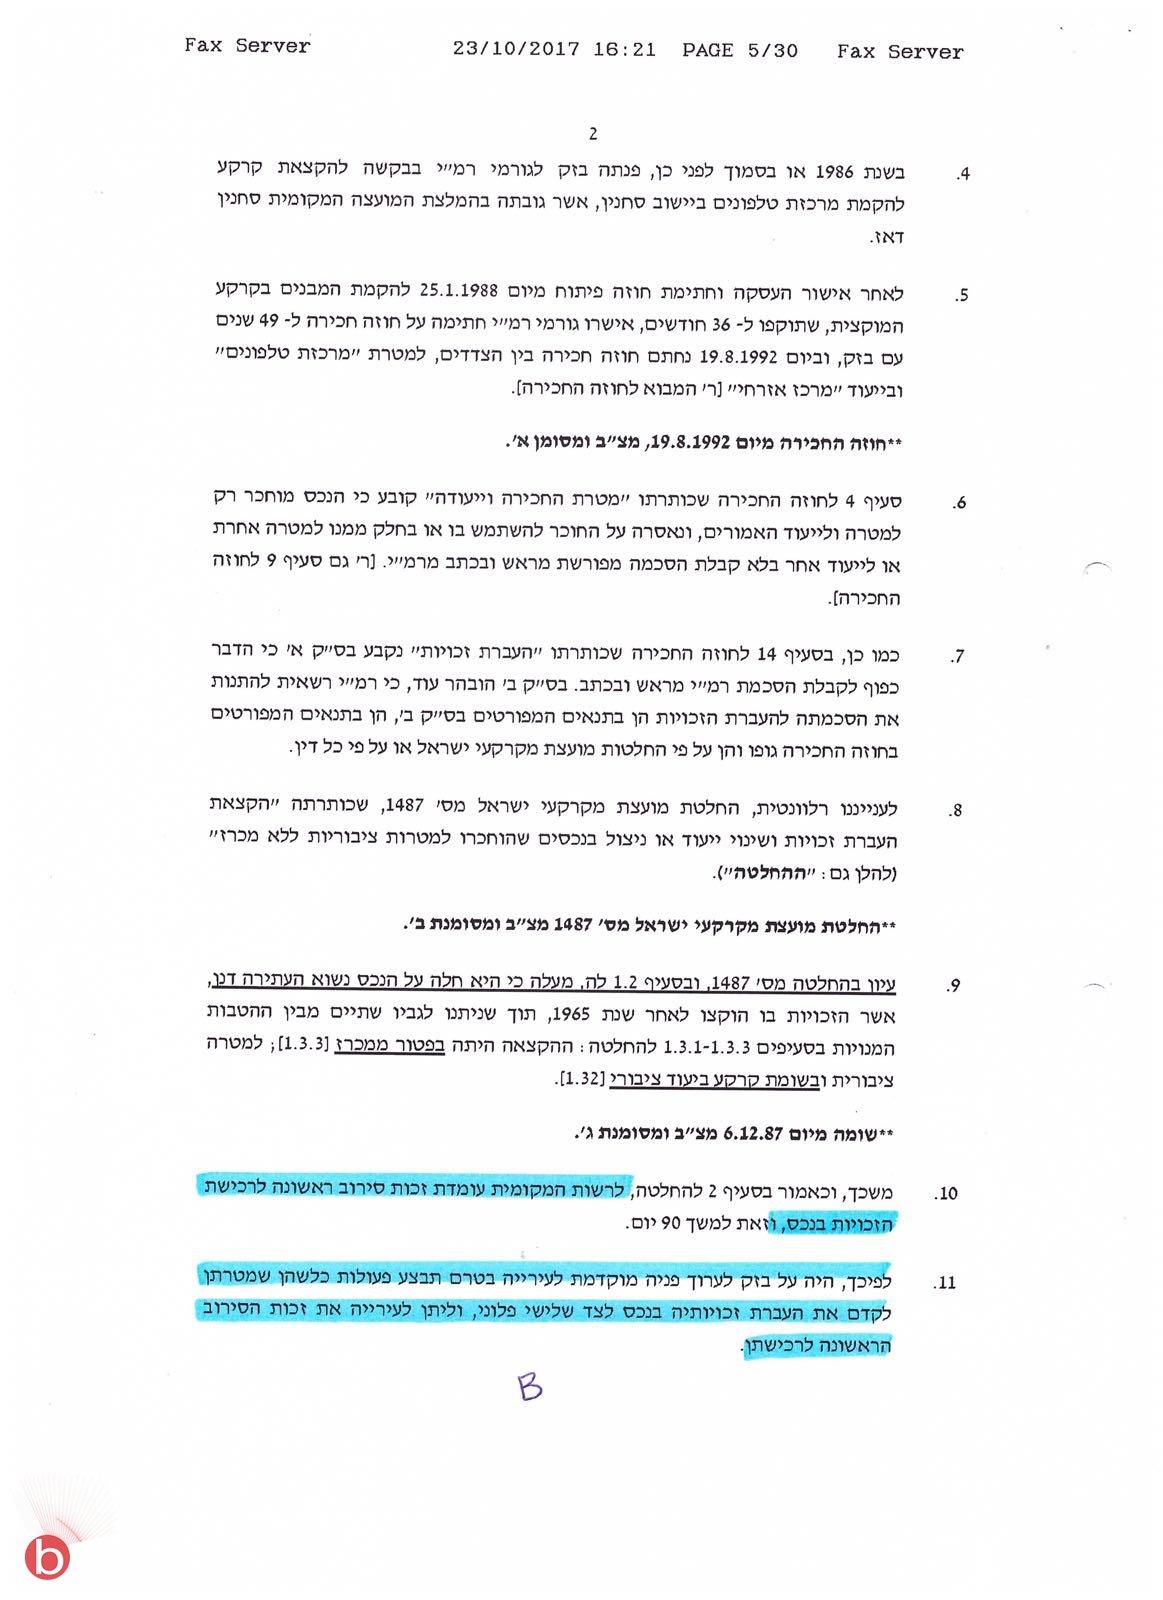 سخنين: بيزك للبيع  المحكمة توقف صفقة بيع أرض بيزك وتعيد القرار للمنهال